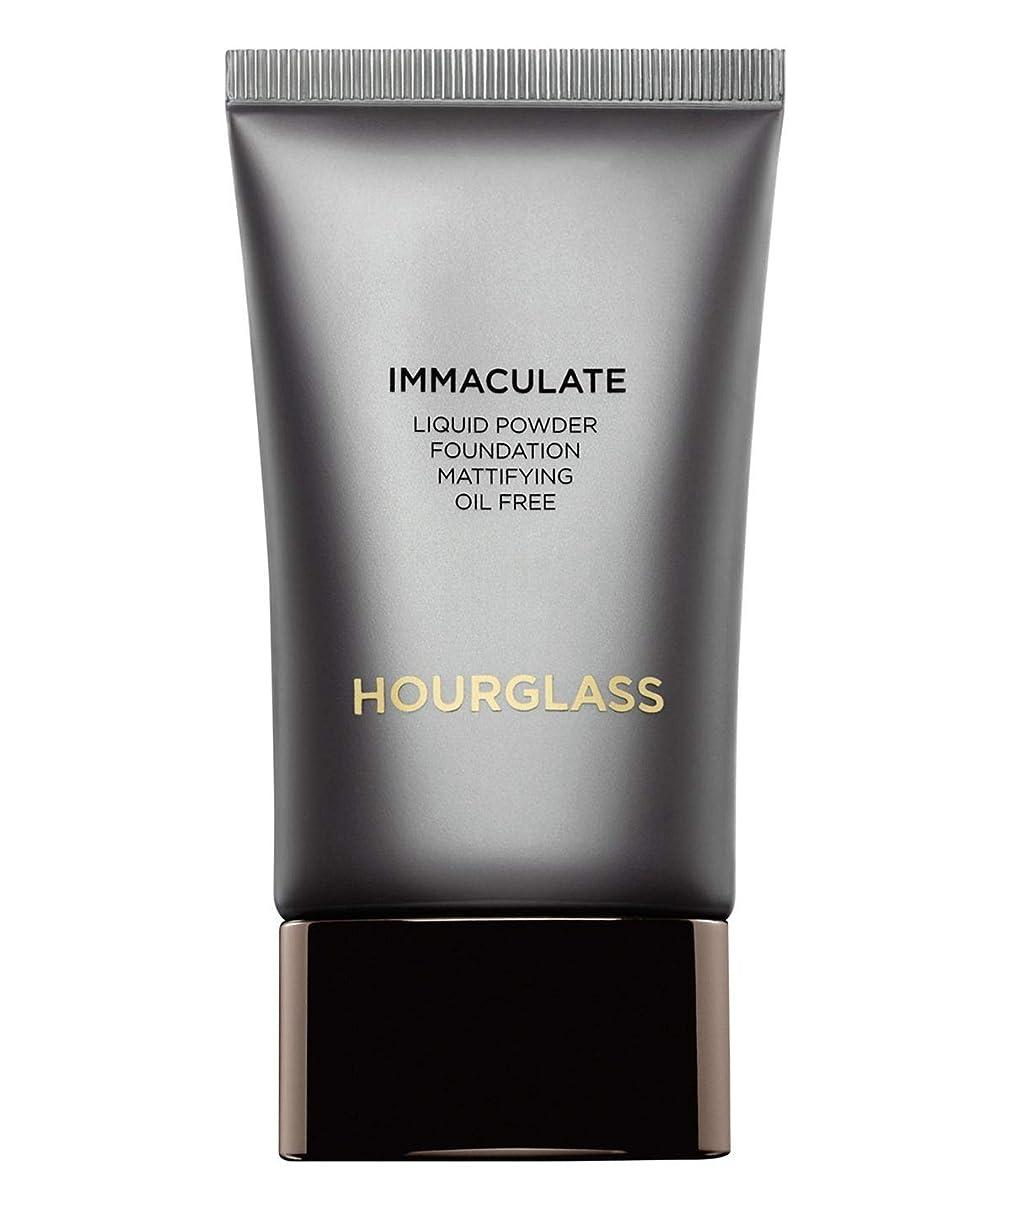 助けて剣自宅でアワーグラス Immaculate Liquid Powder Foundation - # Natural 30ml/1oz並行輸入品